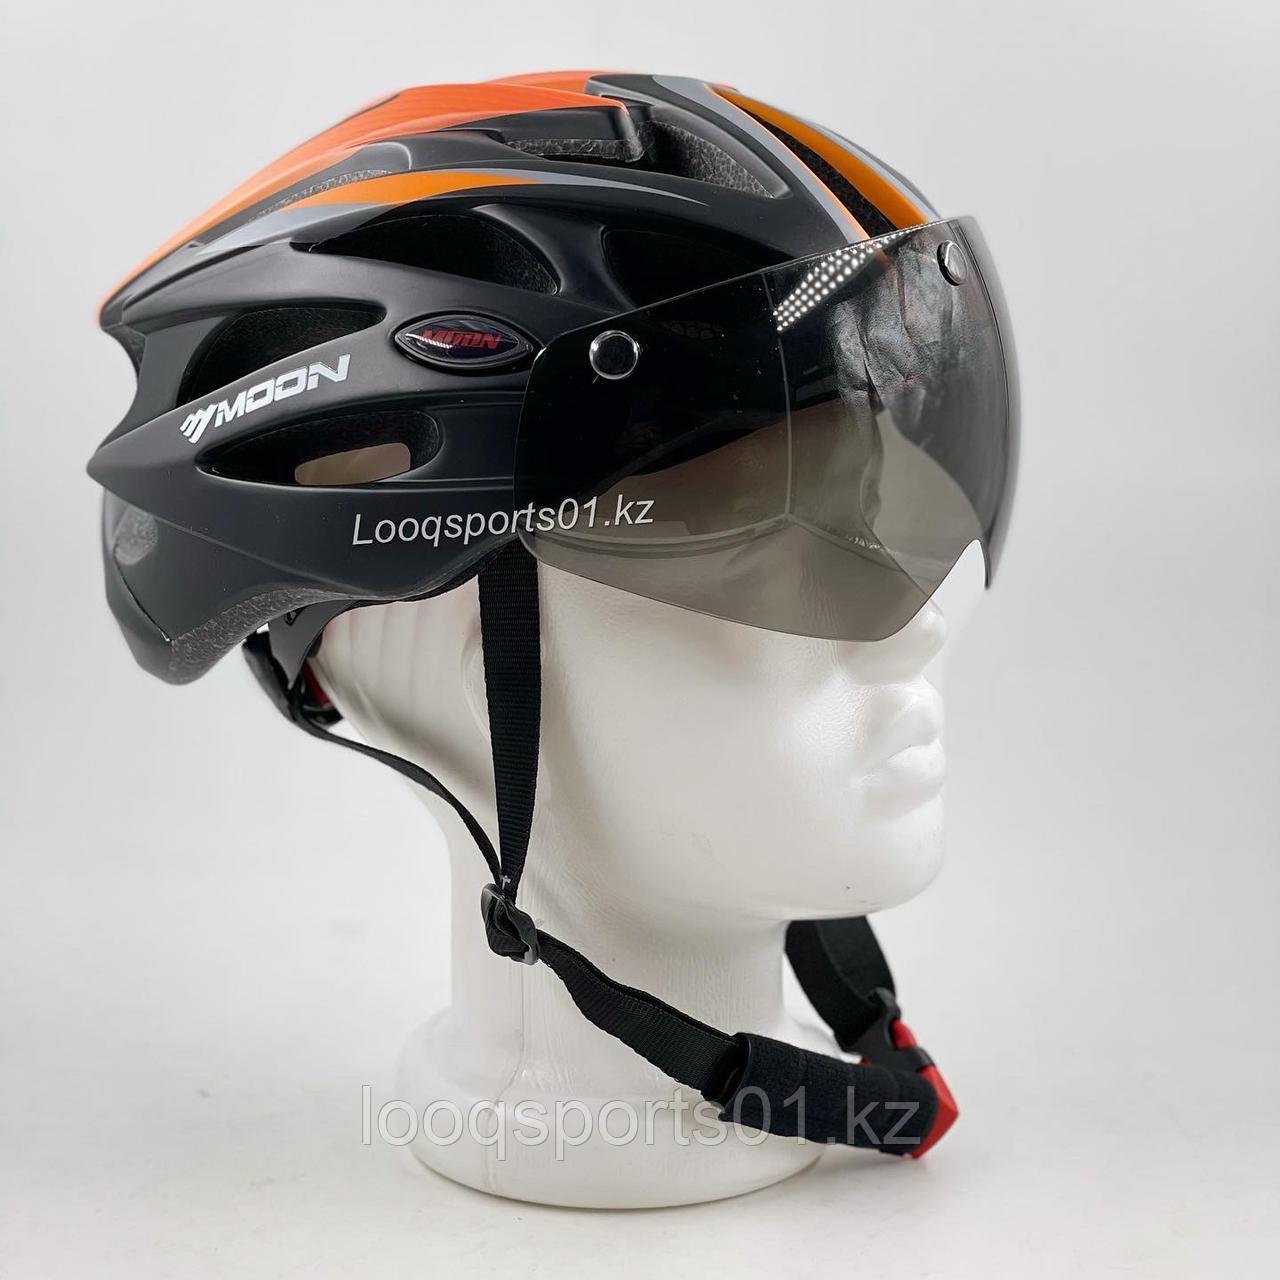 Велосипедный шлем (велошлем) с очками MV-29-GT